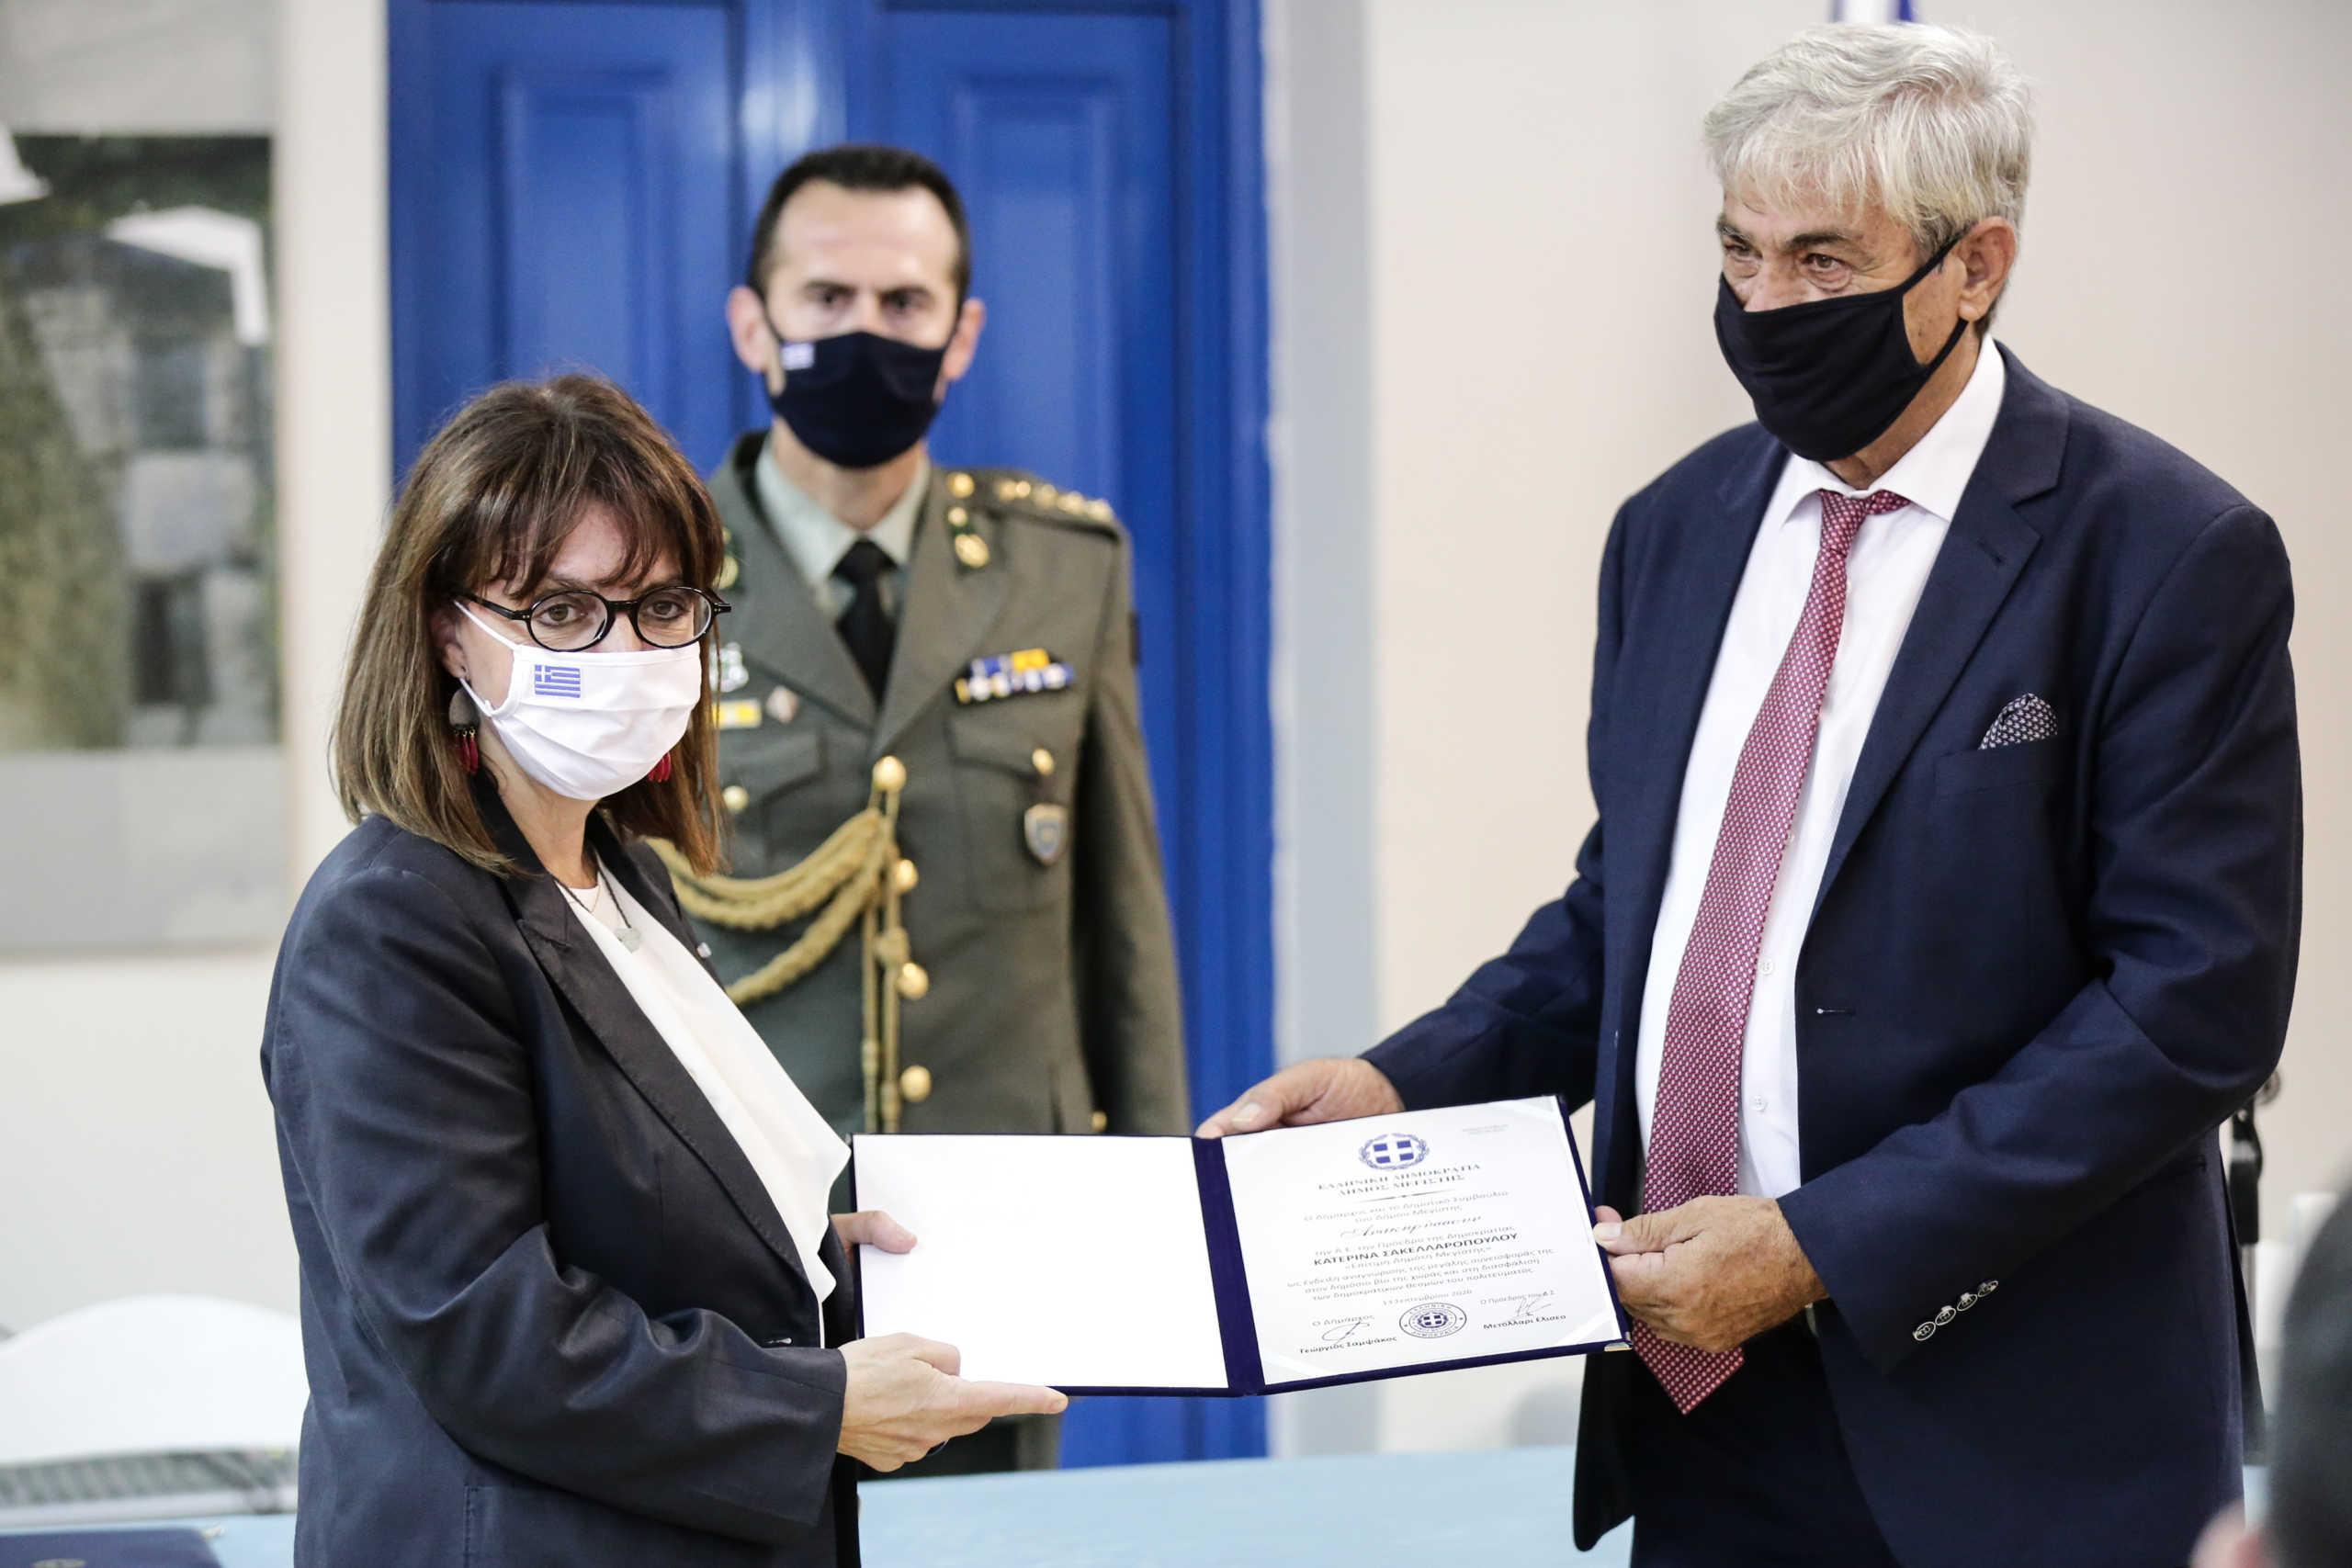 Σακελλαροπούλου από Καστελλόριζο: Η έξαρση της επιθετικής ρητορείας της Τουρκίας δημιουργεί καχυποψία και εχθρότητα